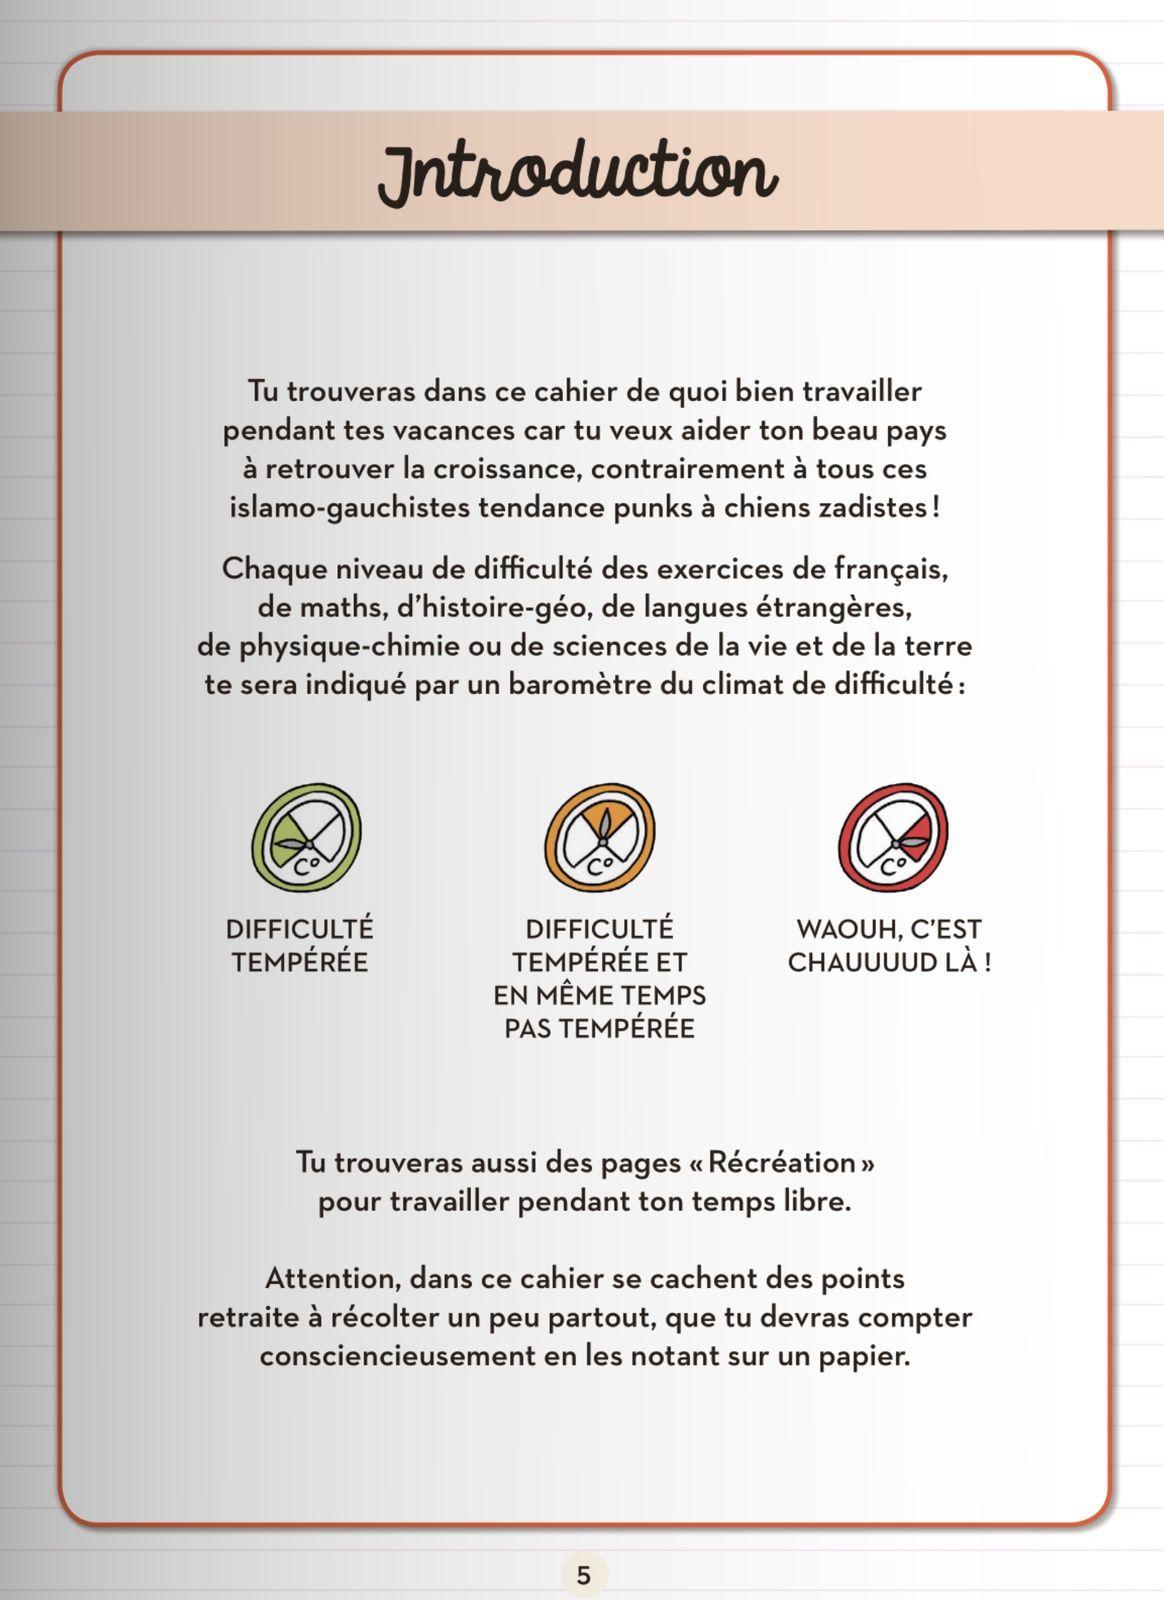 Cahier De Vacances De Manu : cahier, vacances, Publication, Cette, Semaine, Nouveau, Cahier, Vacances, Manu,, Guillaume, Meurice,, Charline, Vanhoenacker, Cami., Leblogtvnews